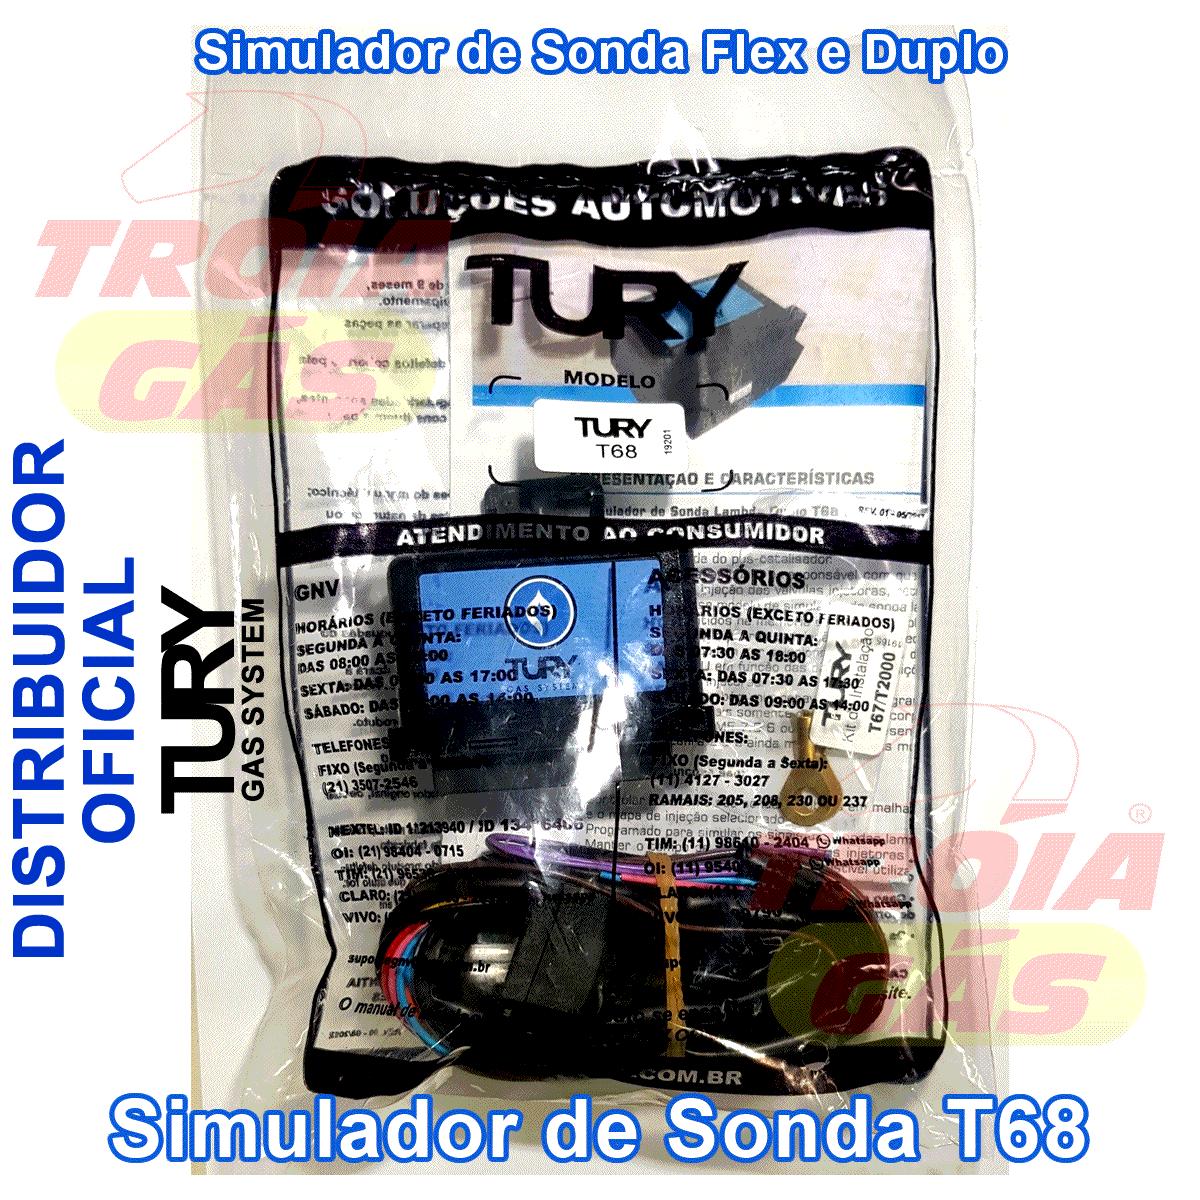 Simulador 2 Sondas Flex GNV TURY GAS T68